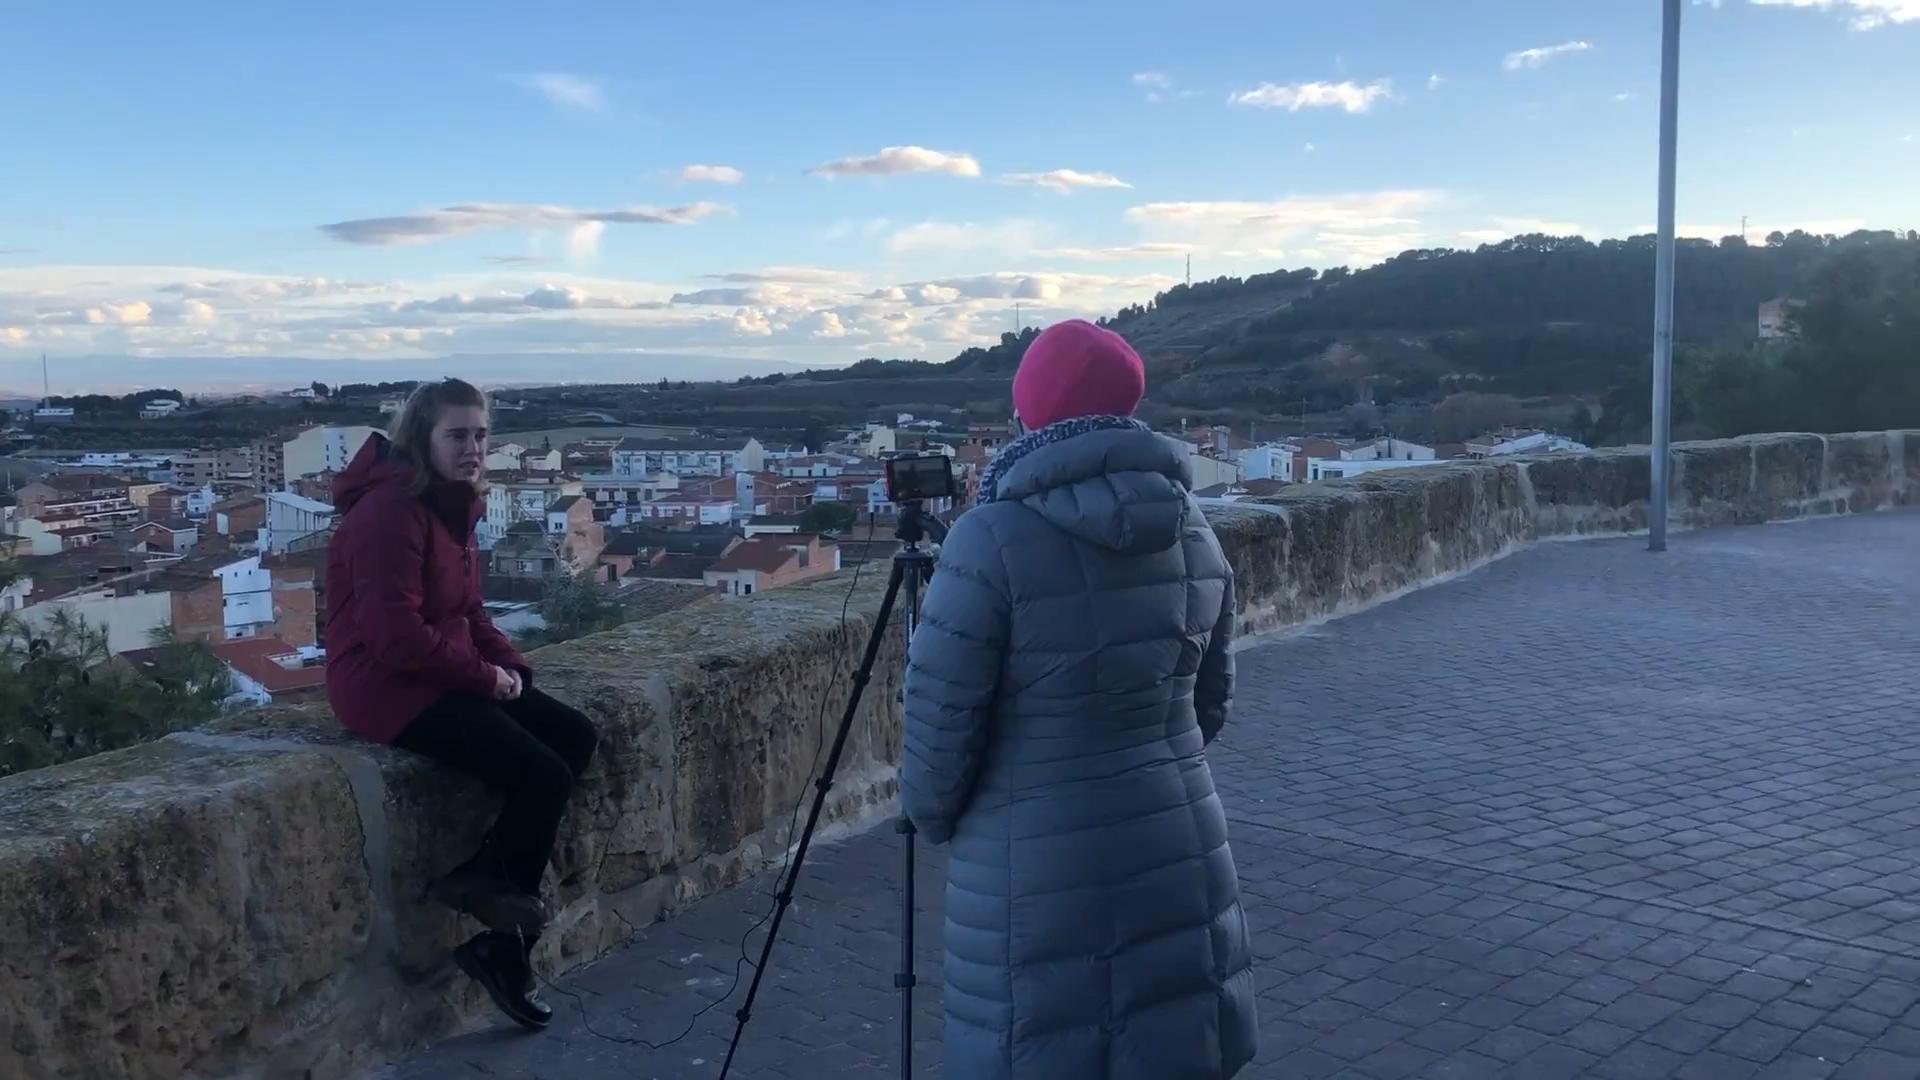 Pili Garcia i Aida Goixart a la Barana del Fossar per entrevista a Adona't